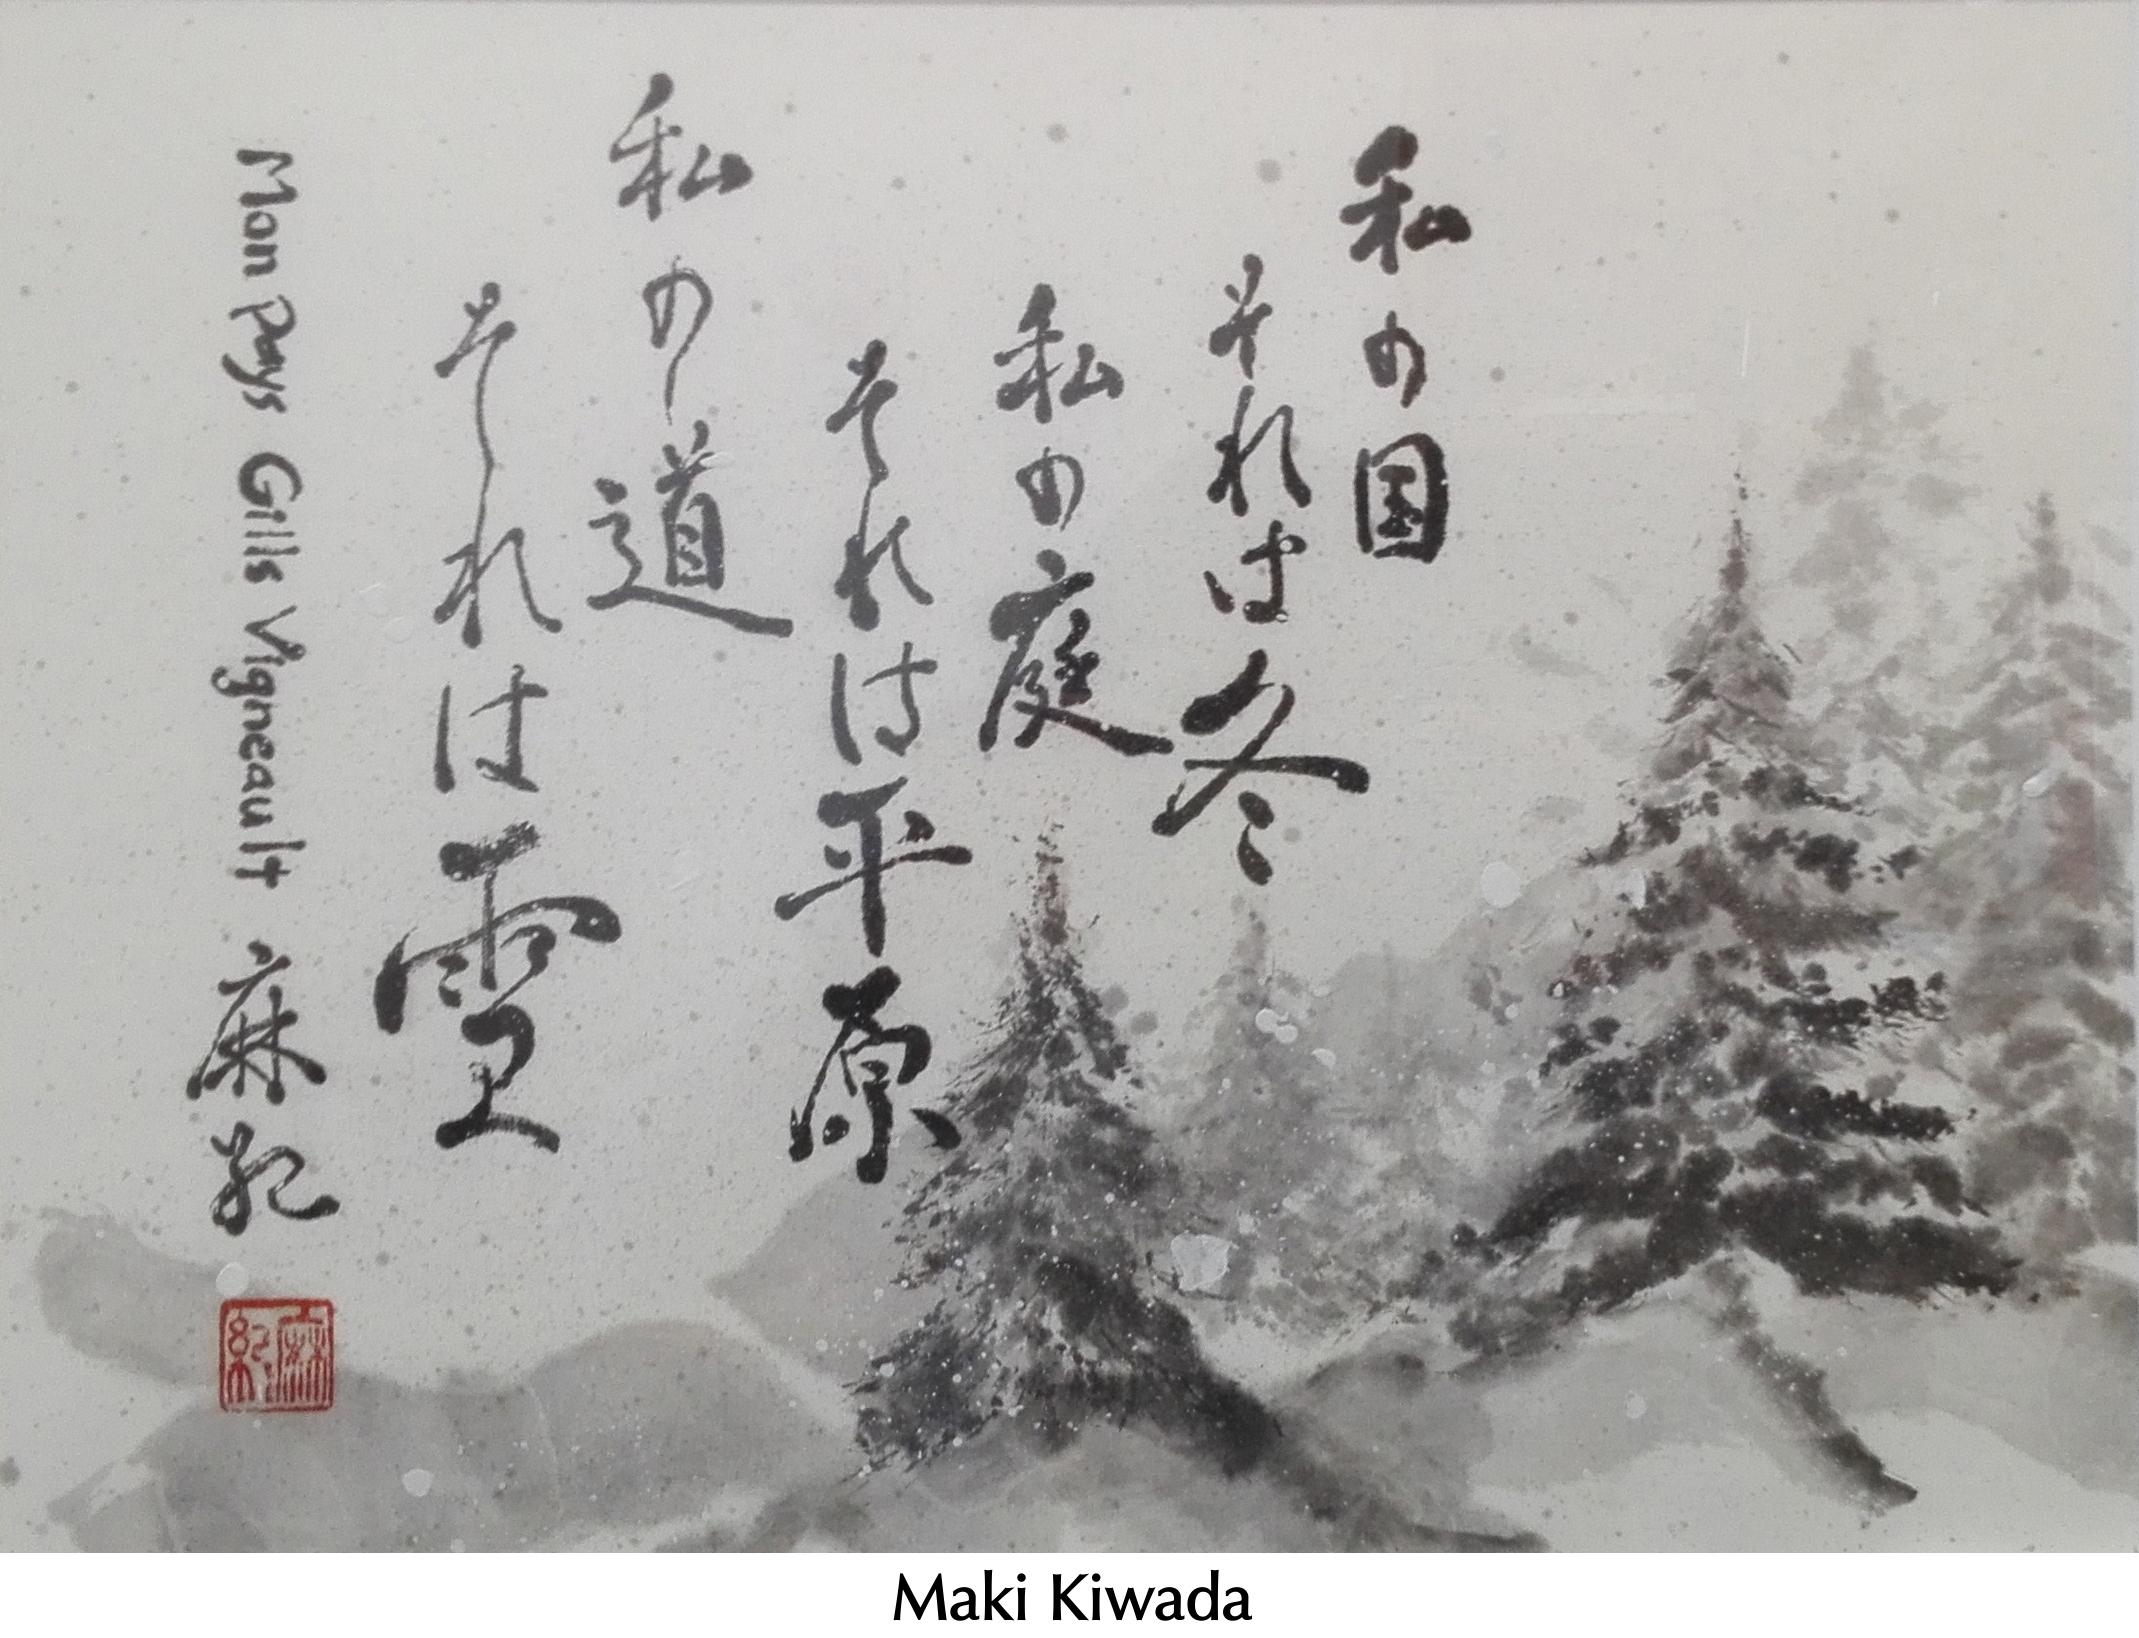 Maki Kiwada